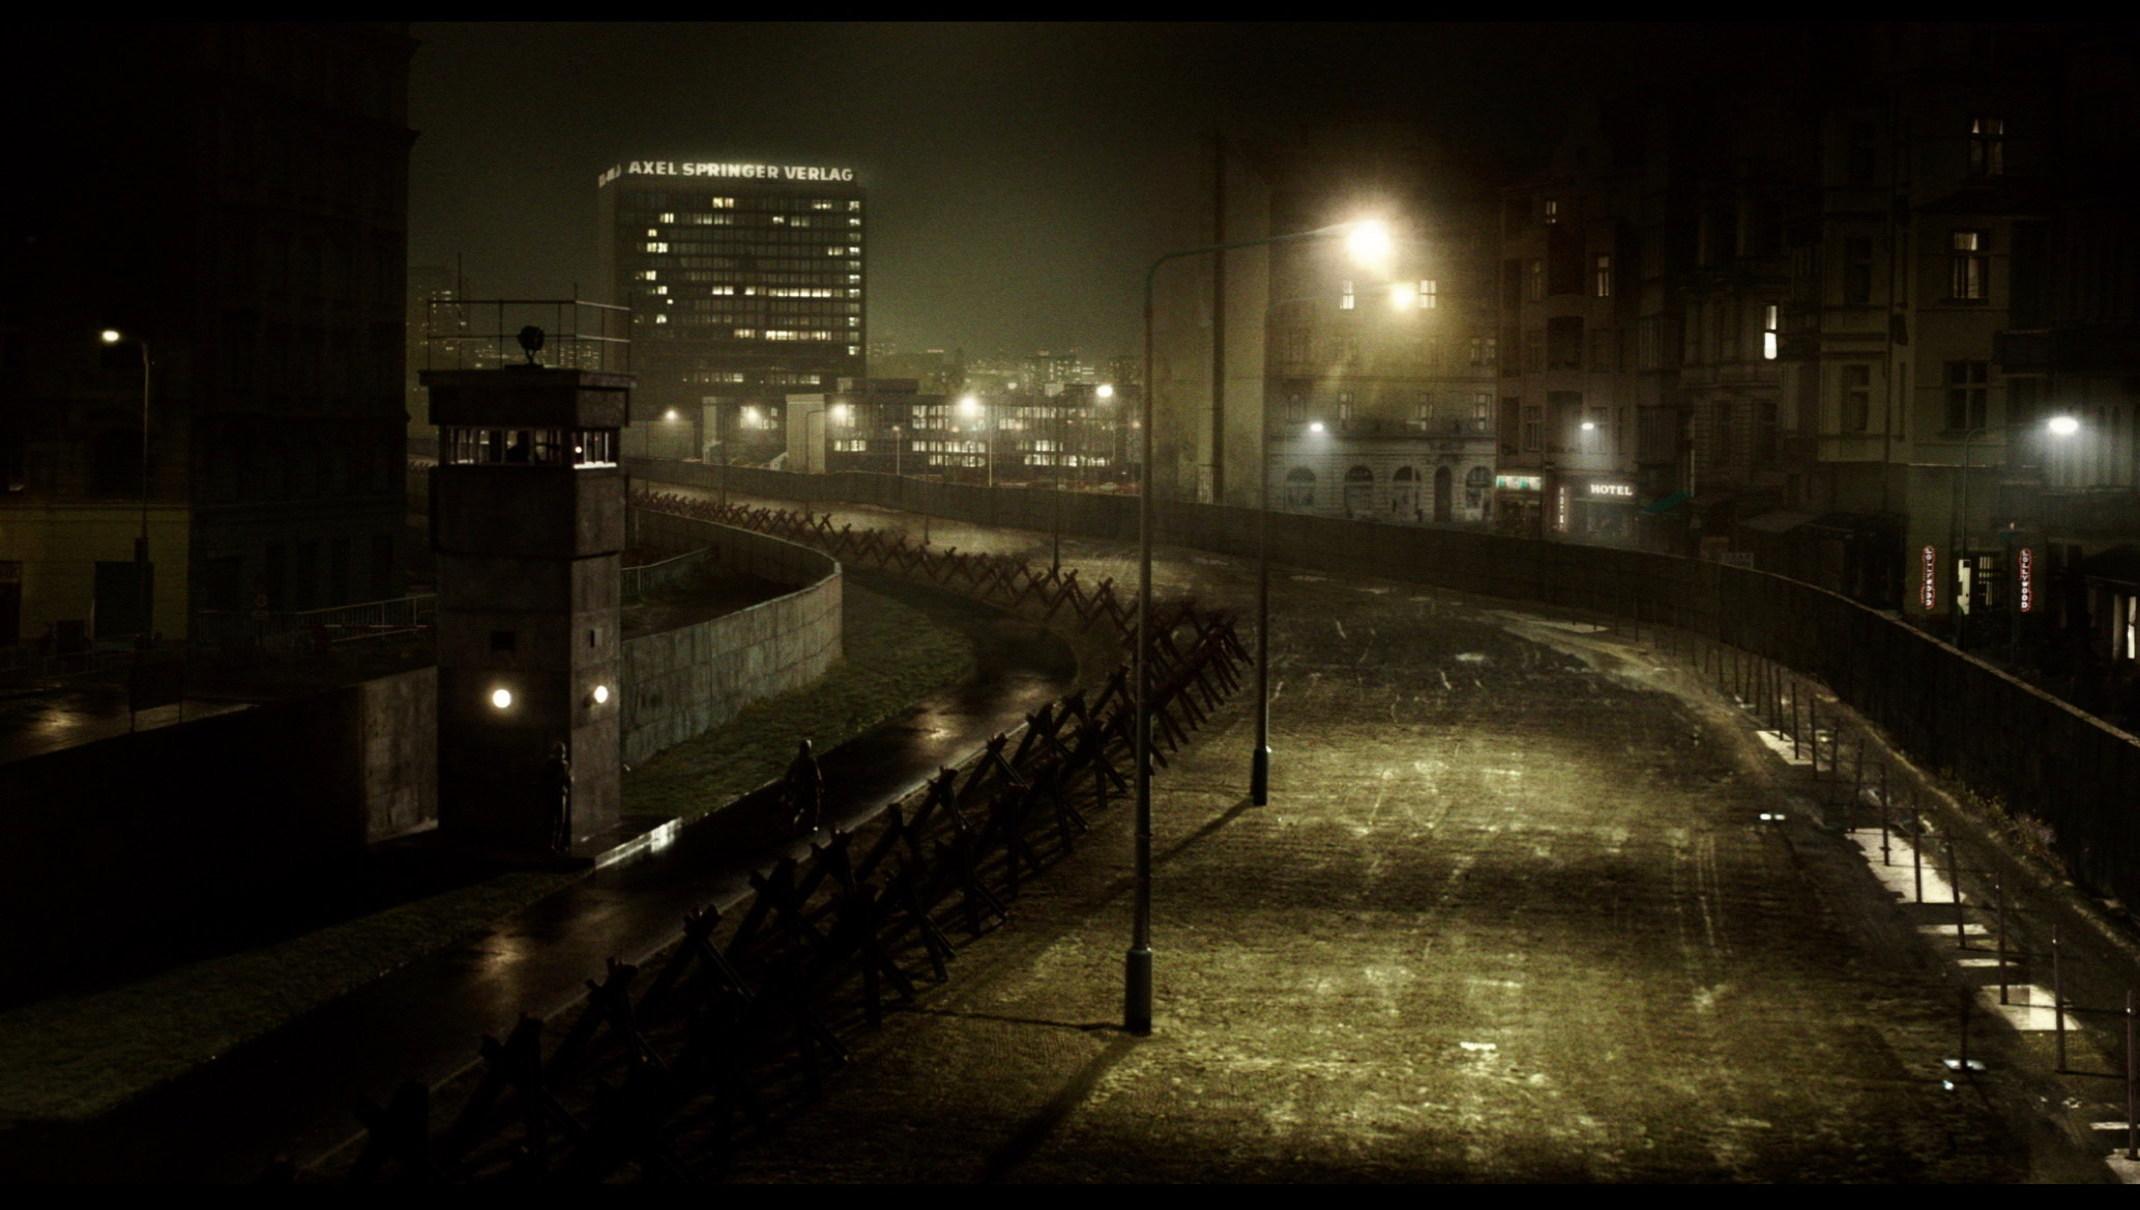 the same sky - Der Gleiche Himmel - Regie Oliver Hirschbiegel - Kamera Judith Kaufmann - Nachtaufnahme Stadt - Originalbild